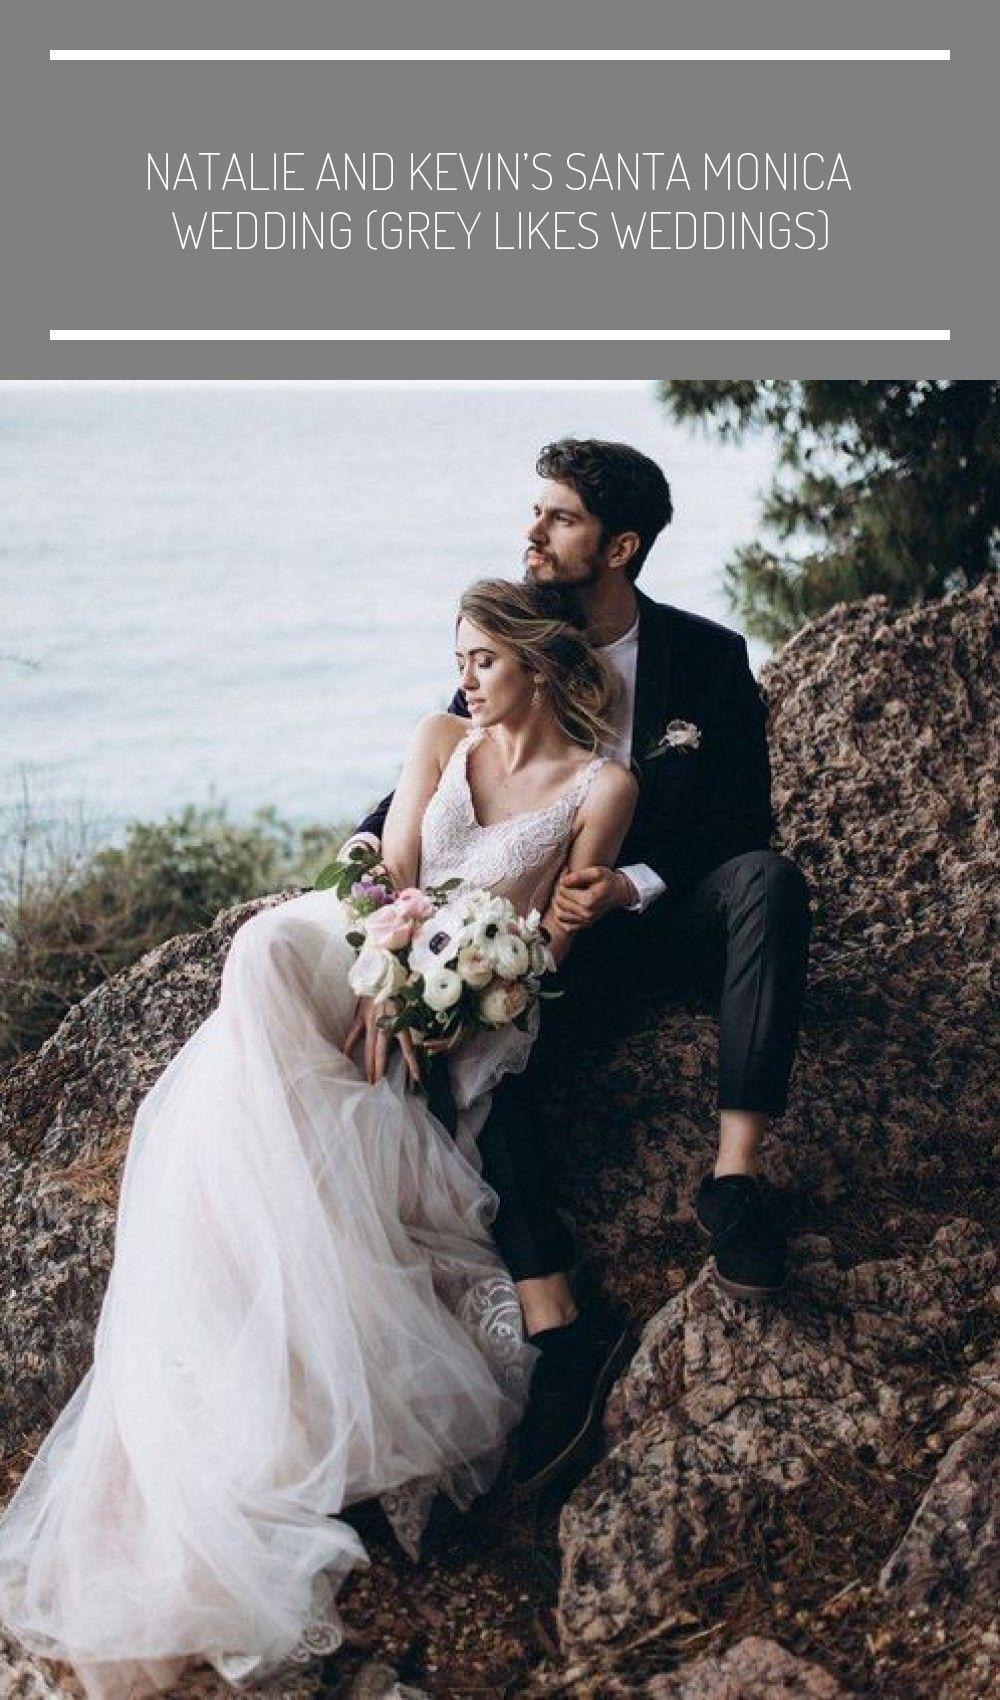 #Hochzeit #Fotografie #Idee #Hochzeitsfotografie #Weißkleid #beste #garden decoration party #HochzeitsfotoIdee #wedding flowers decoration church